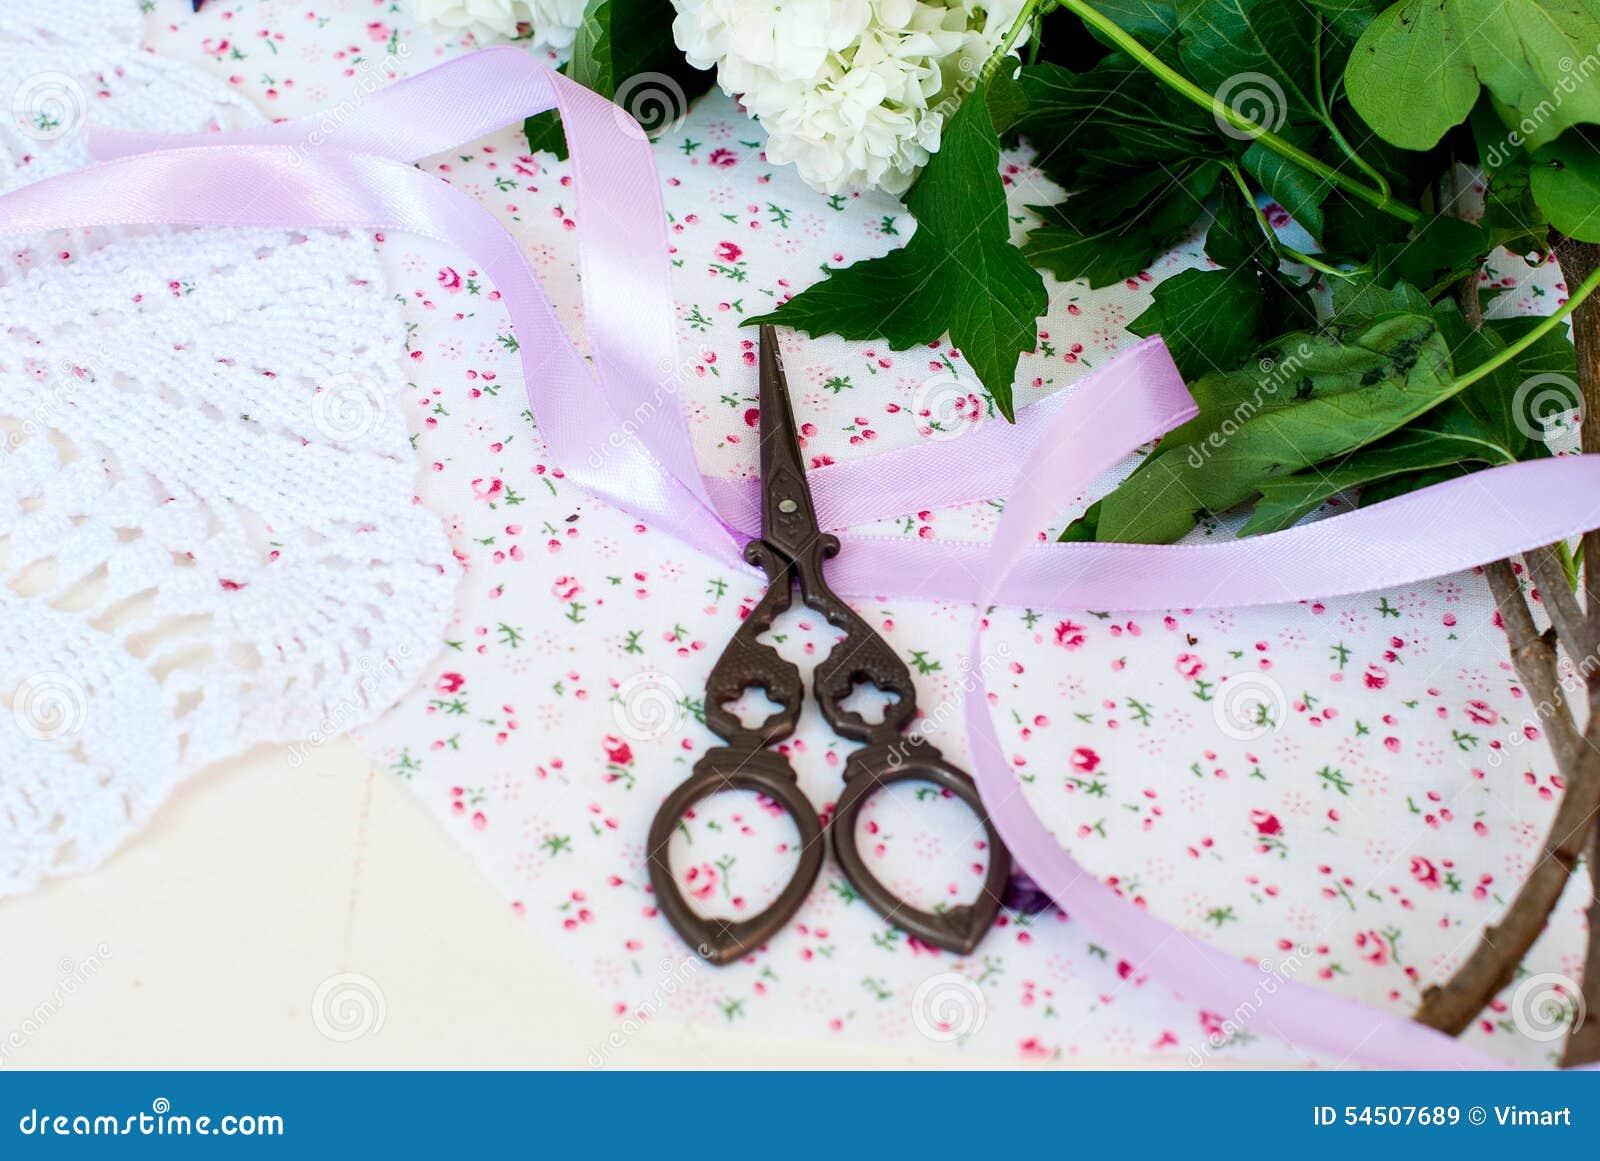 Bande et ciseaux lilas de branche